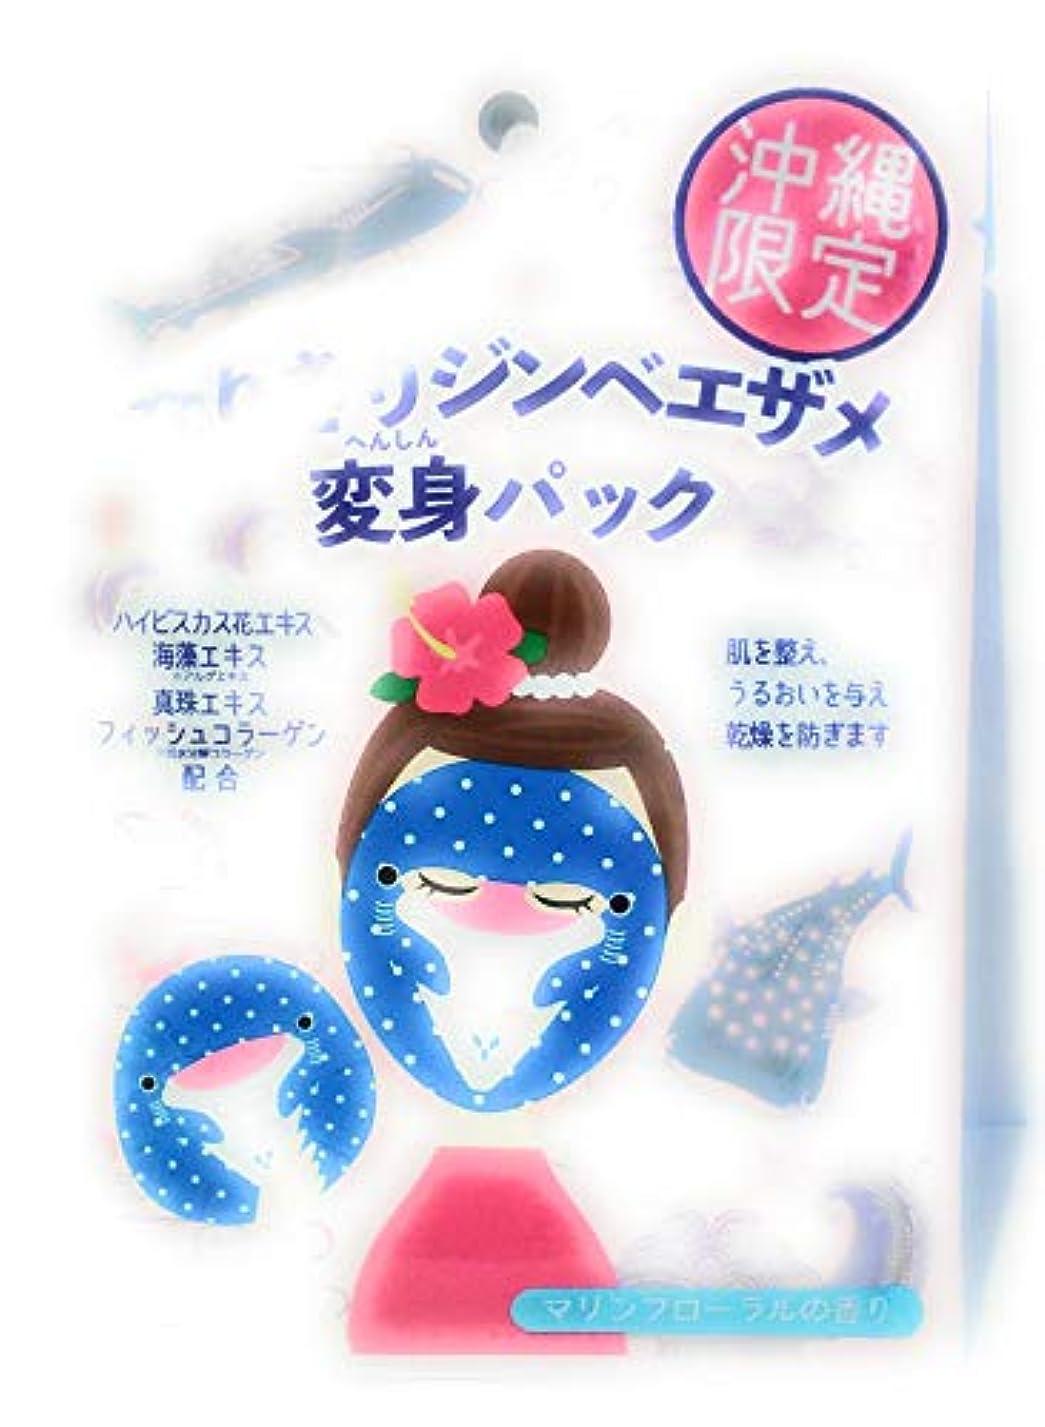 ジャンク進化枠沖縄限定 なりきりジンベエザメ変身パック マリンフローラルの香り